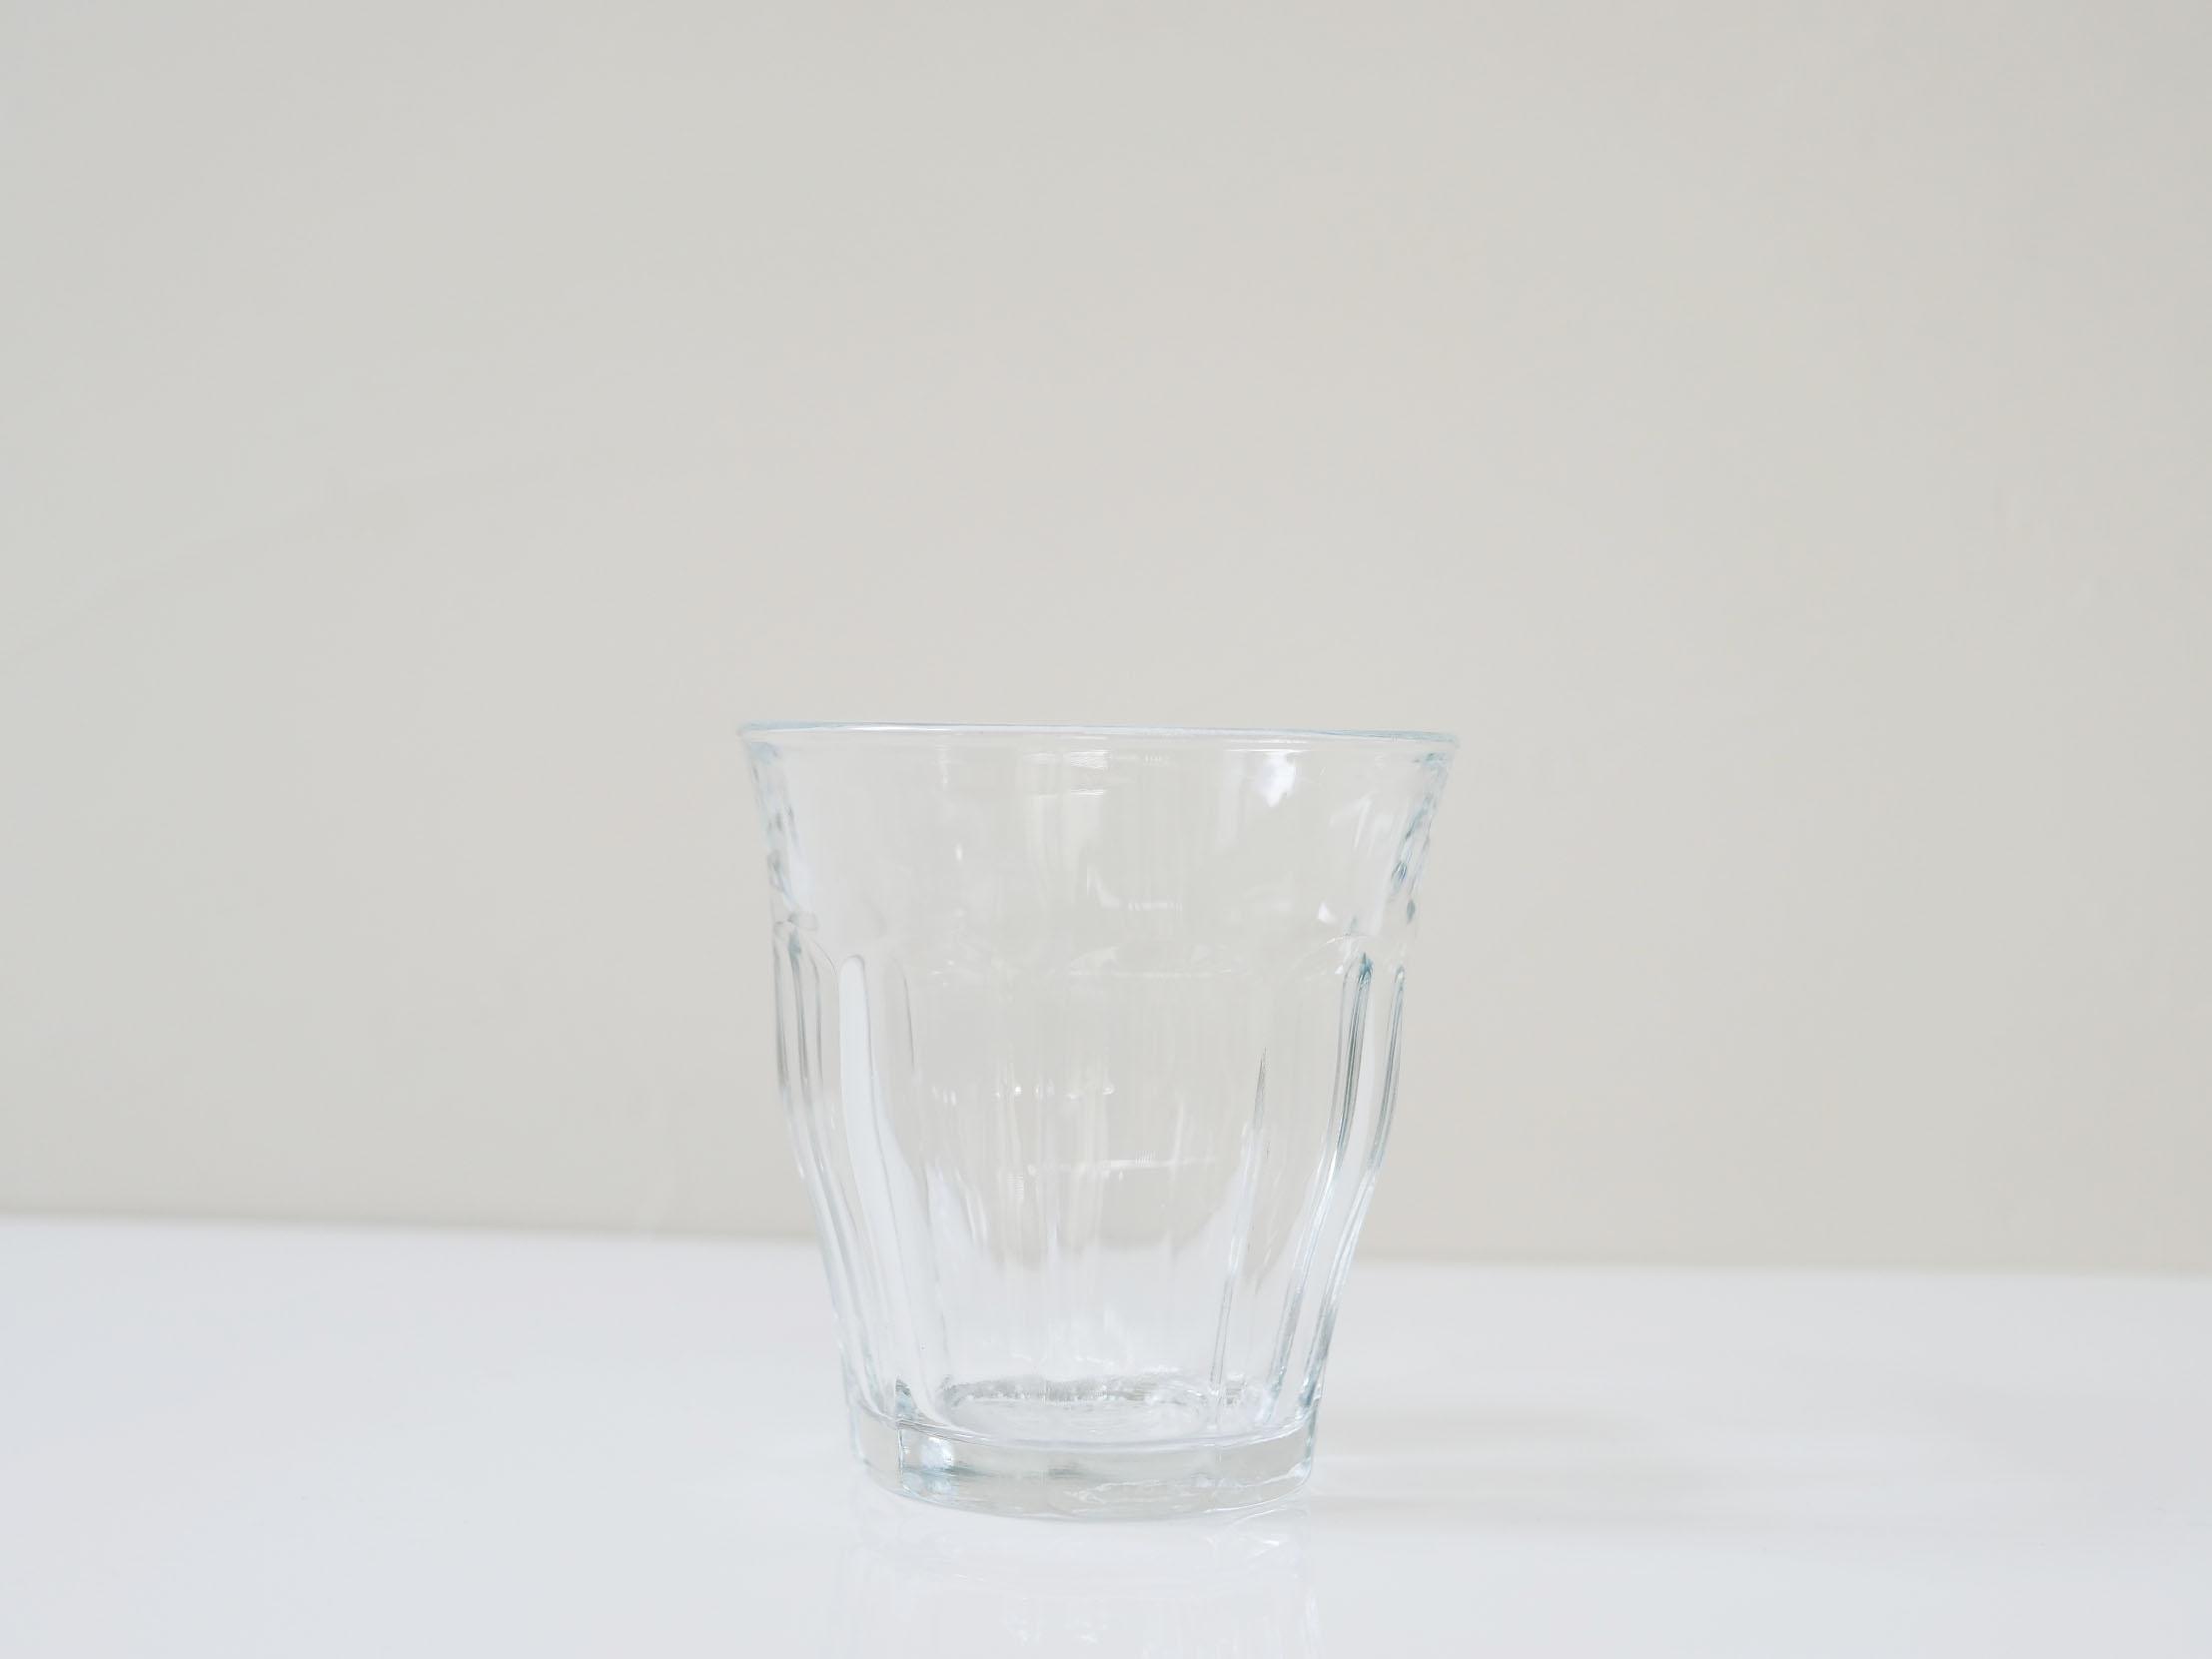 【DURALEX】デュラレックス ピカルディ タンブラー 220ml